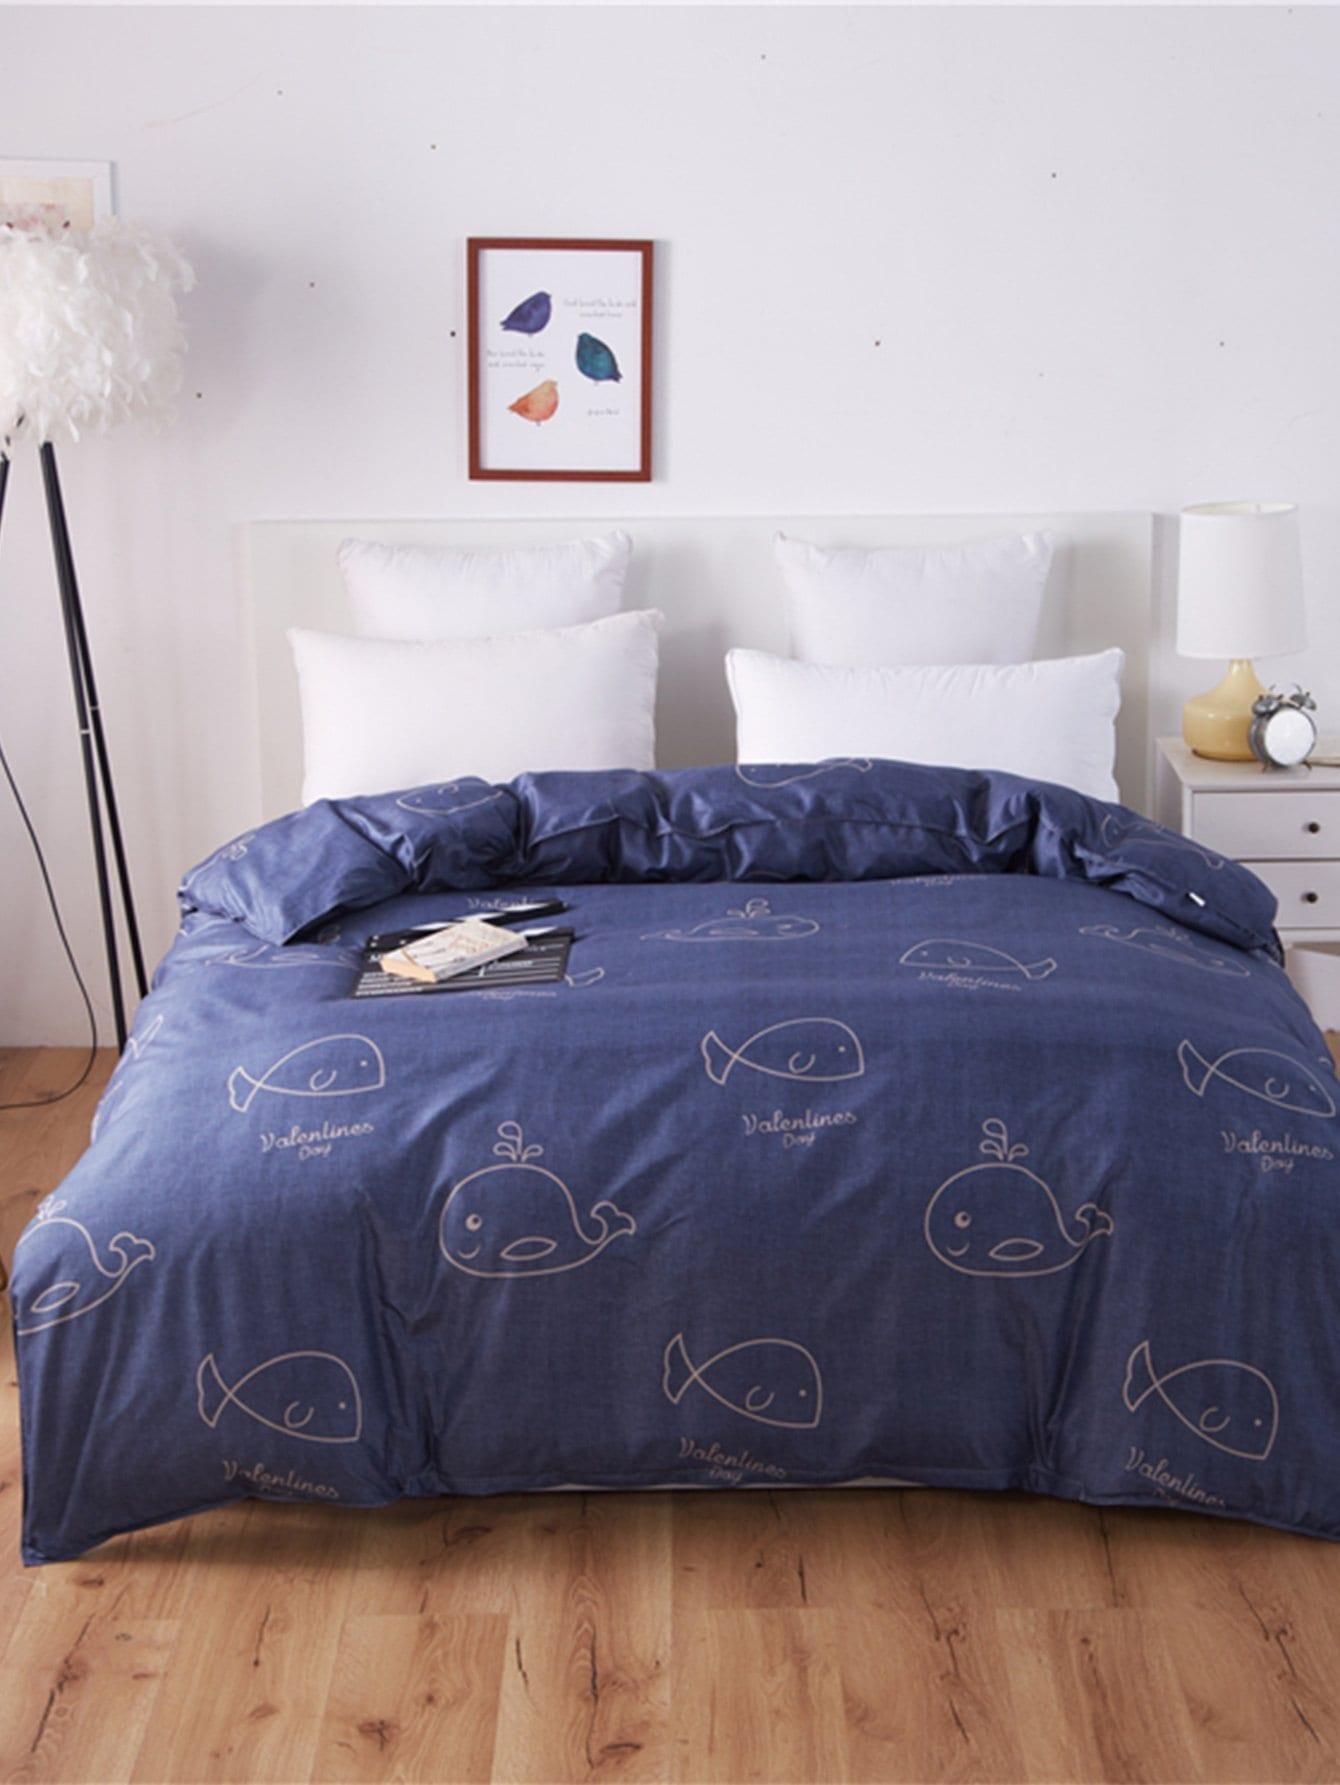 Whale Print Duvet Cover